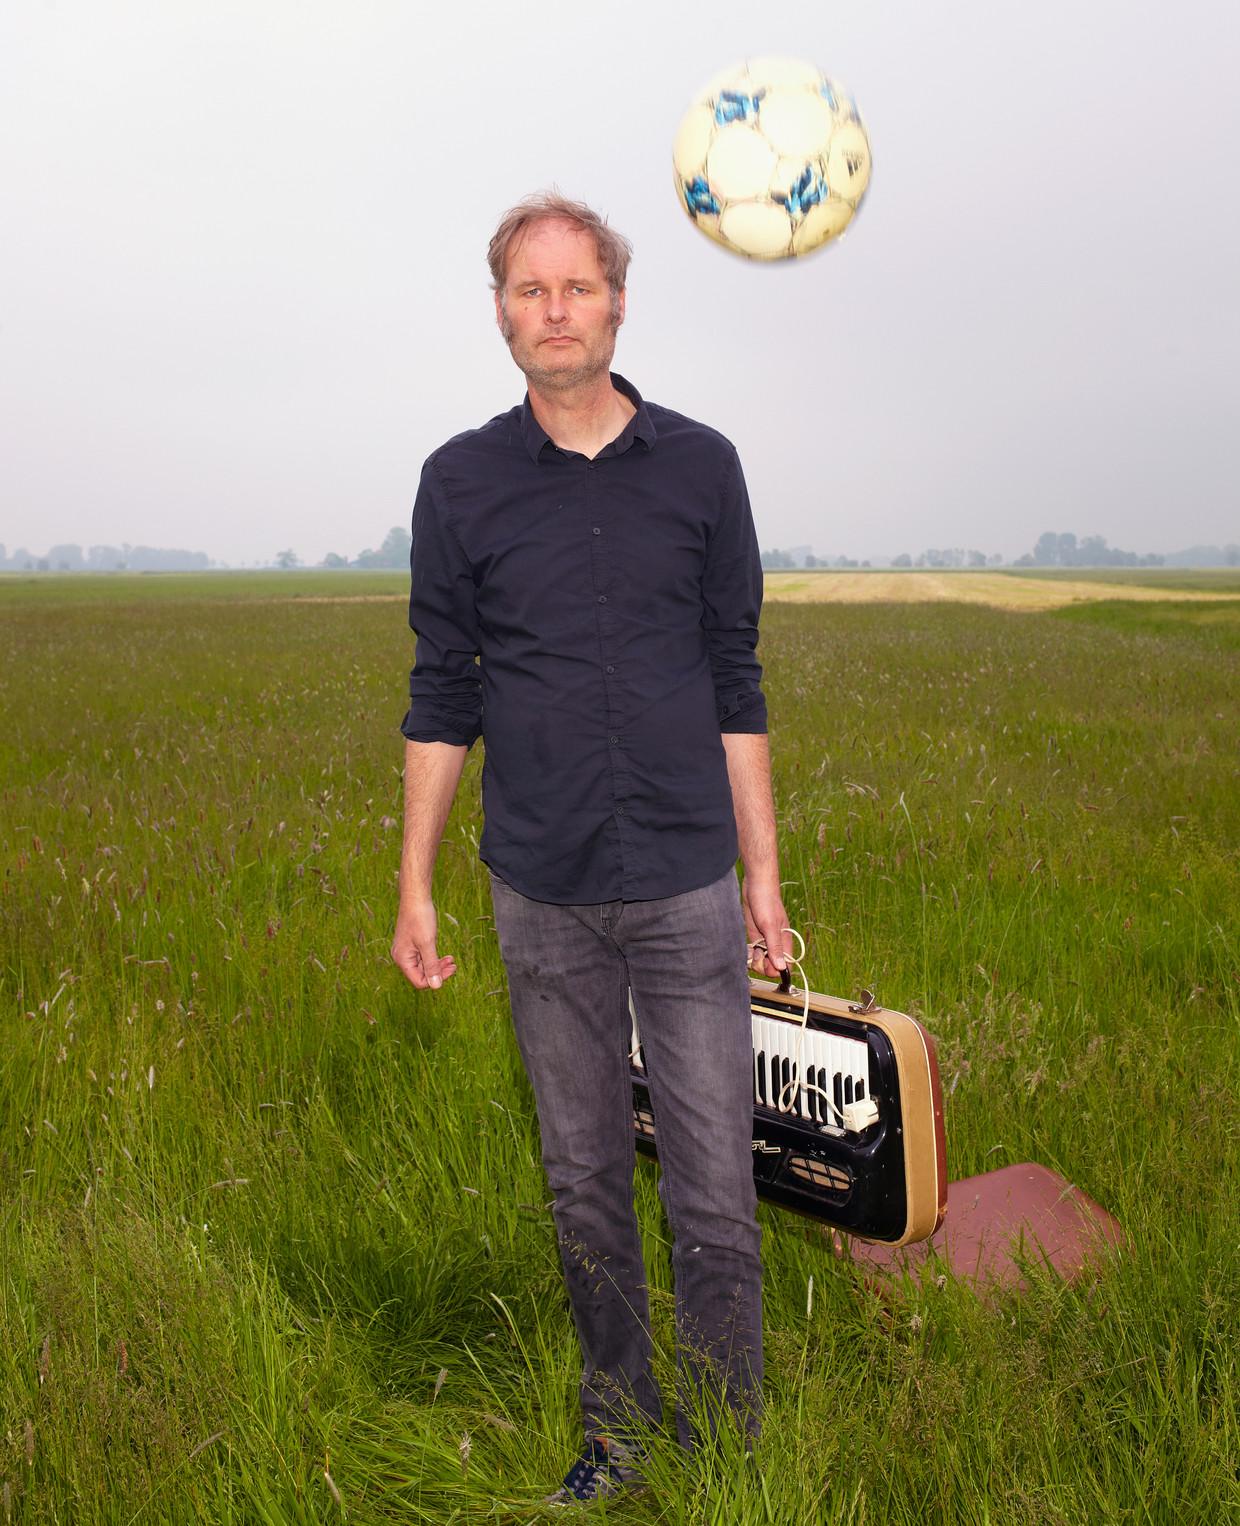 Liedjesschrijver en muzikant Meindert Talma. Beeld Daniel Cohen